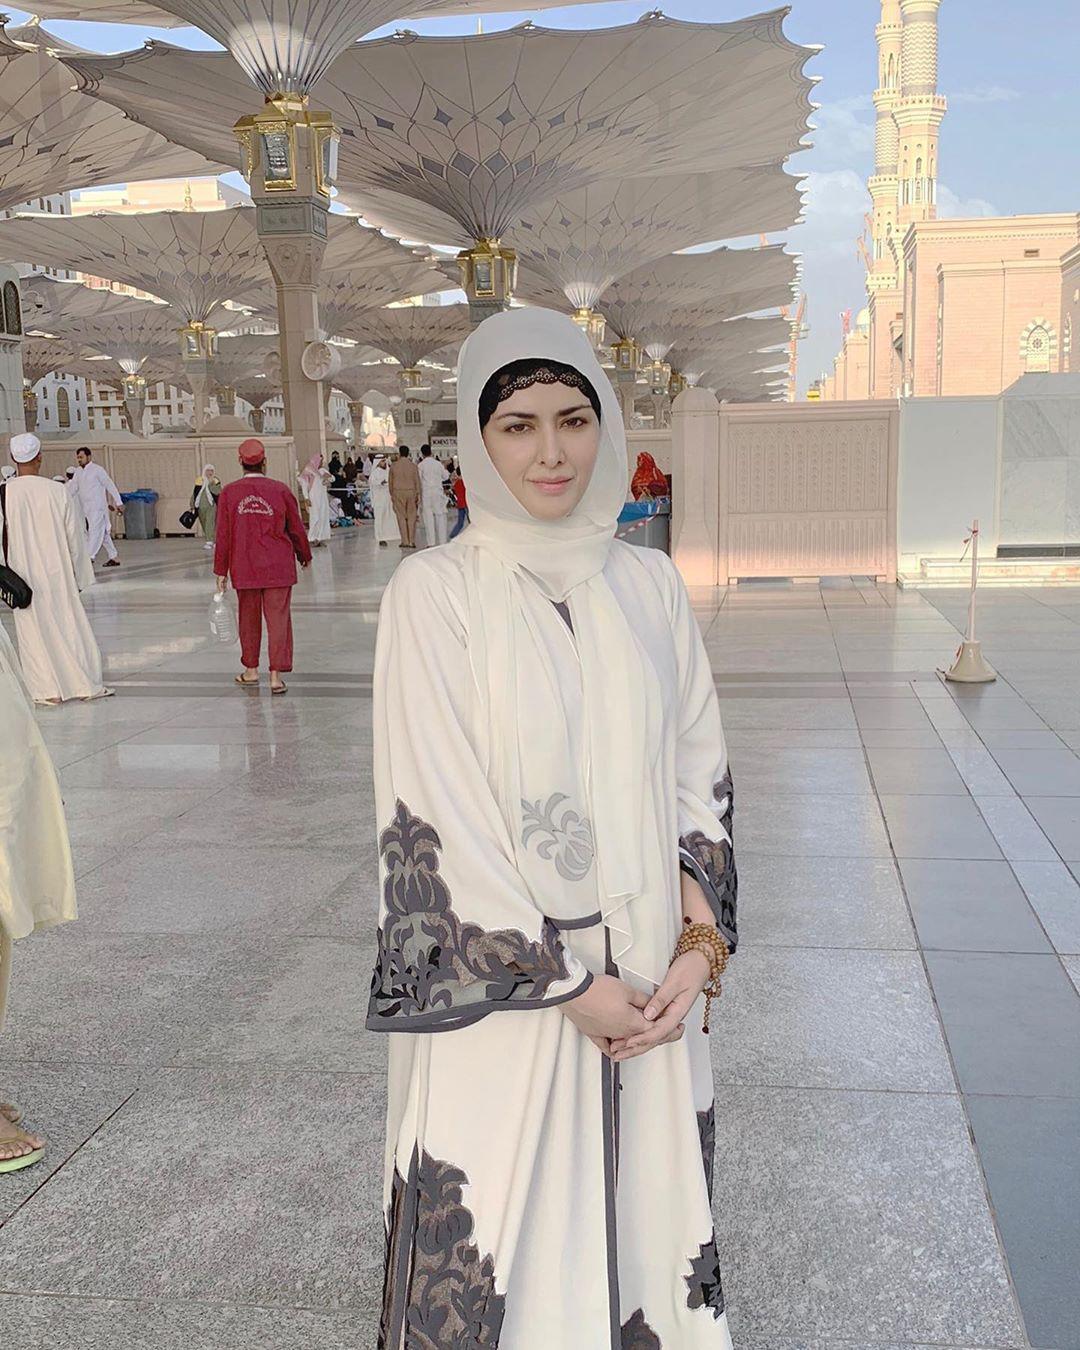 Natasha Khalid of Natasha Salon and Grand Daughter of Noor Jahan Performed Umrah with Husband